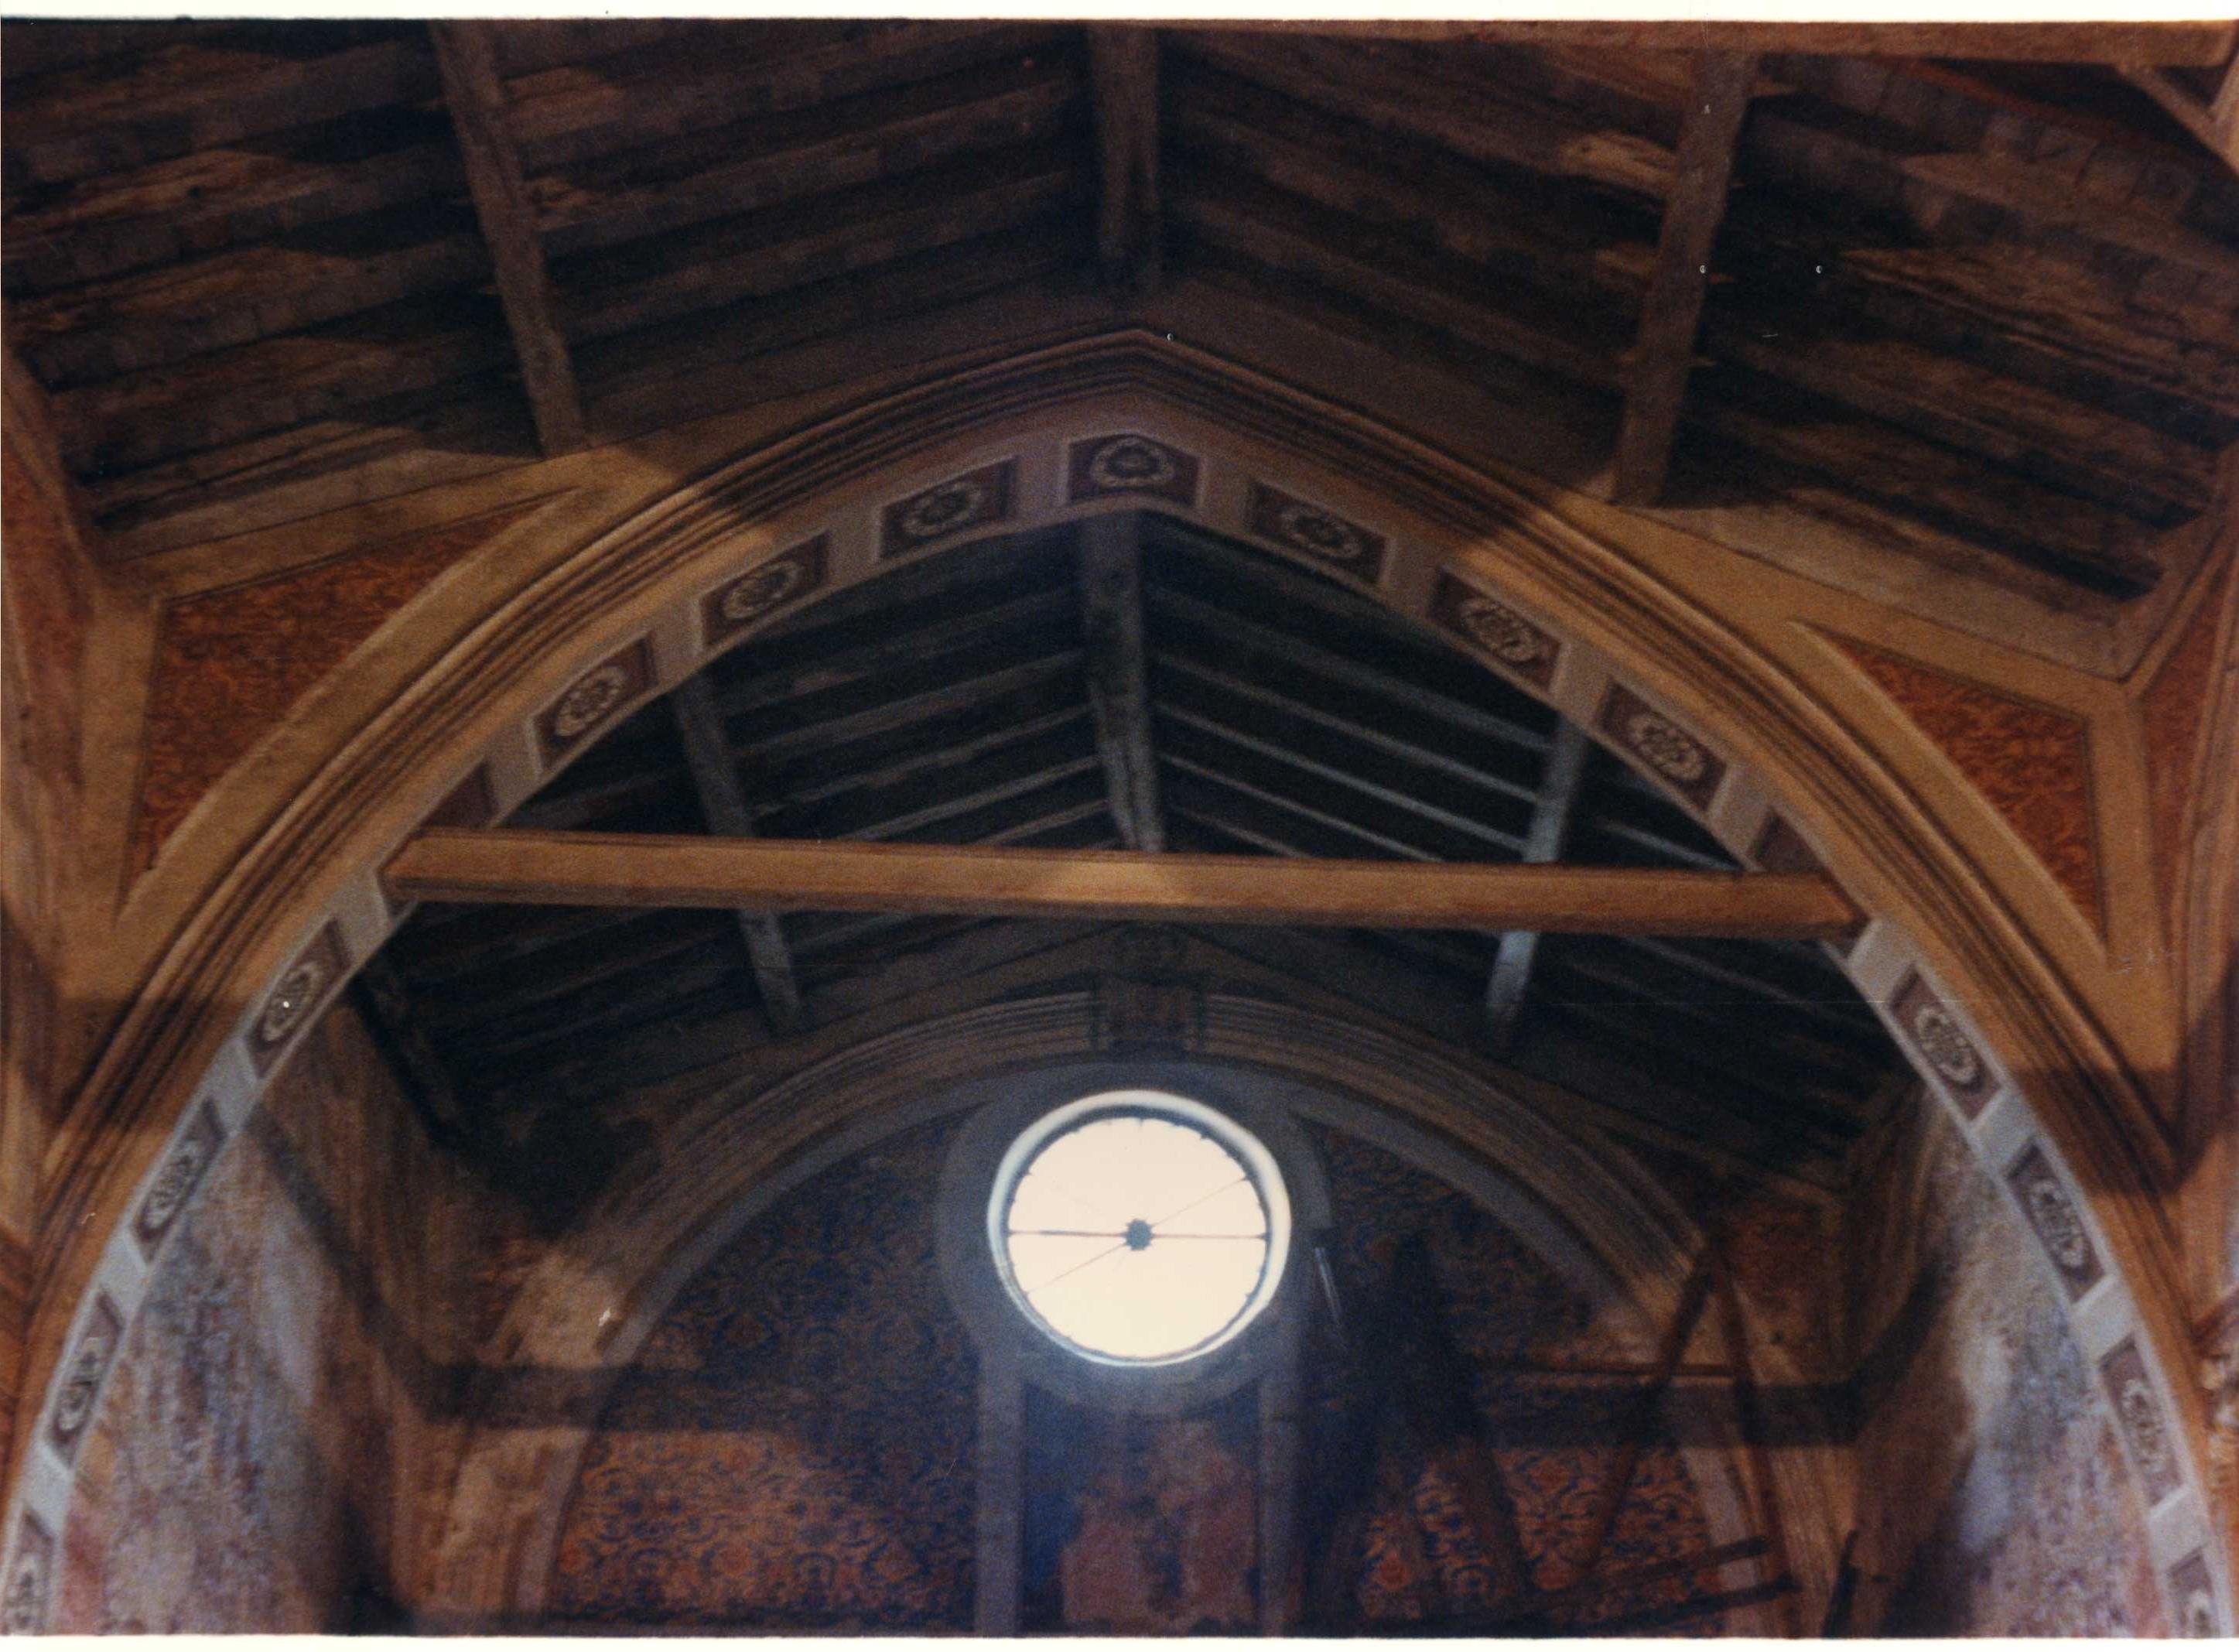 Chiesa di S. Maria del Corno (chiesa) - Provaglio d'Iseo (BS)